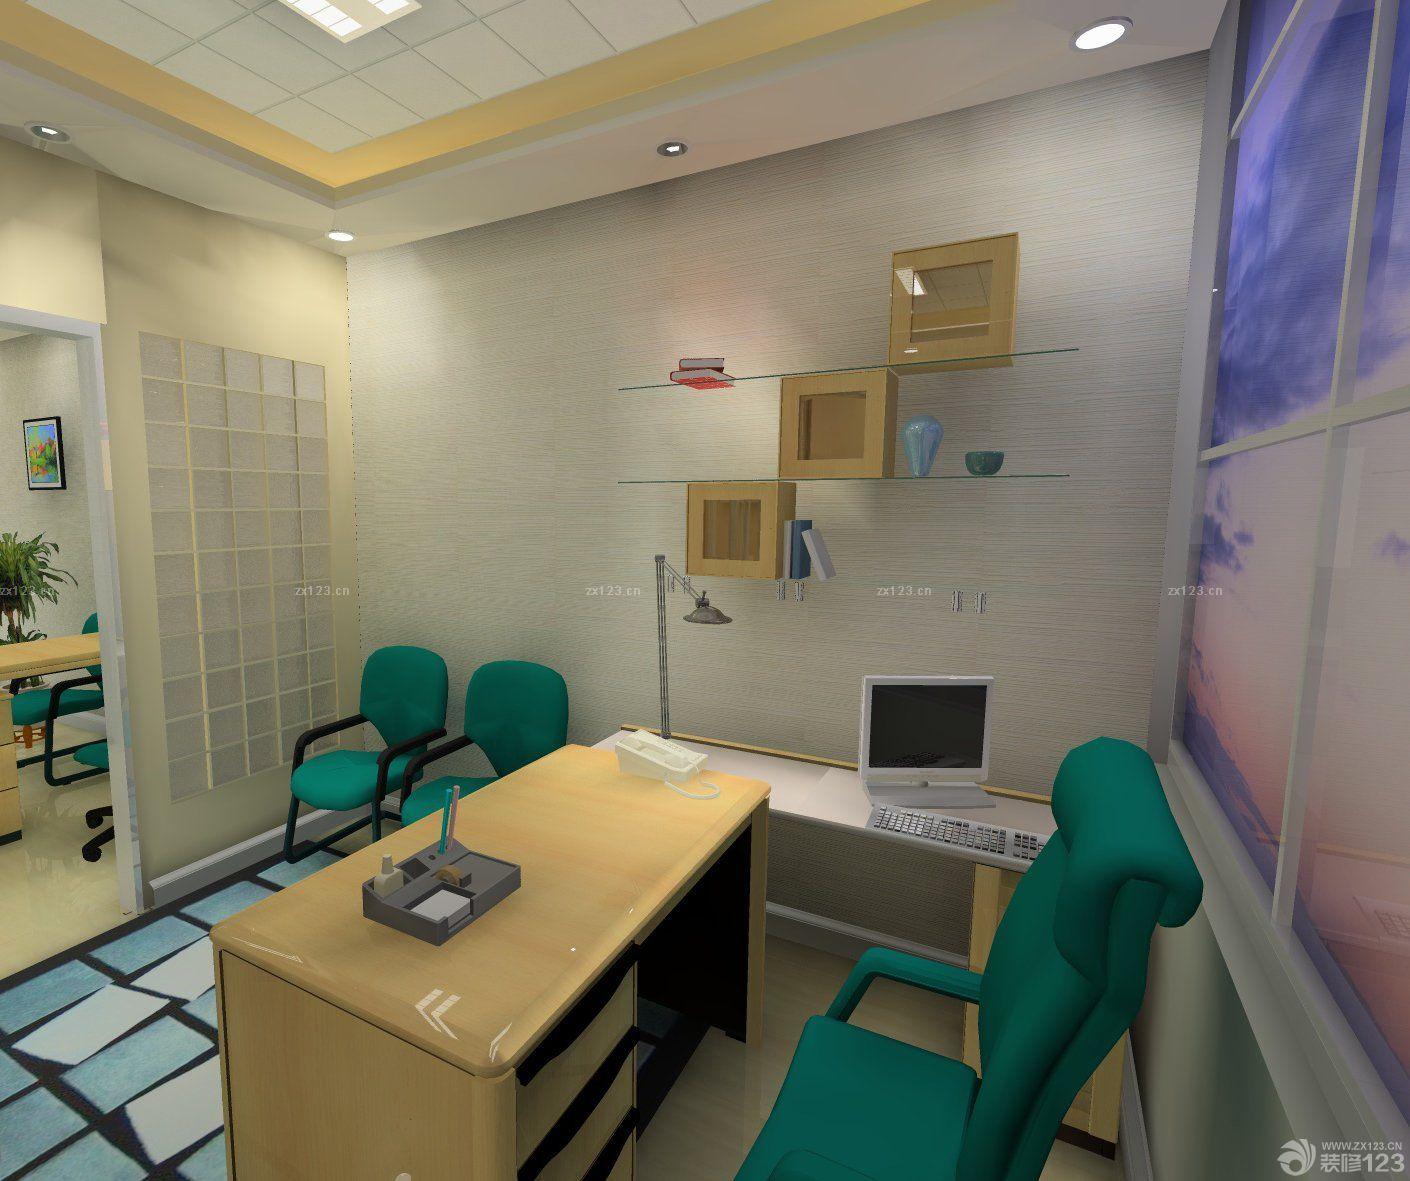 室内背景墙设计图片-简单大方的电视墙图片|现代背景